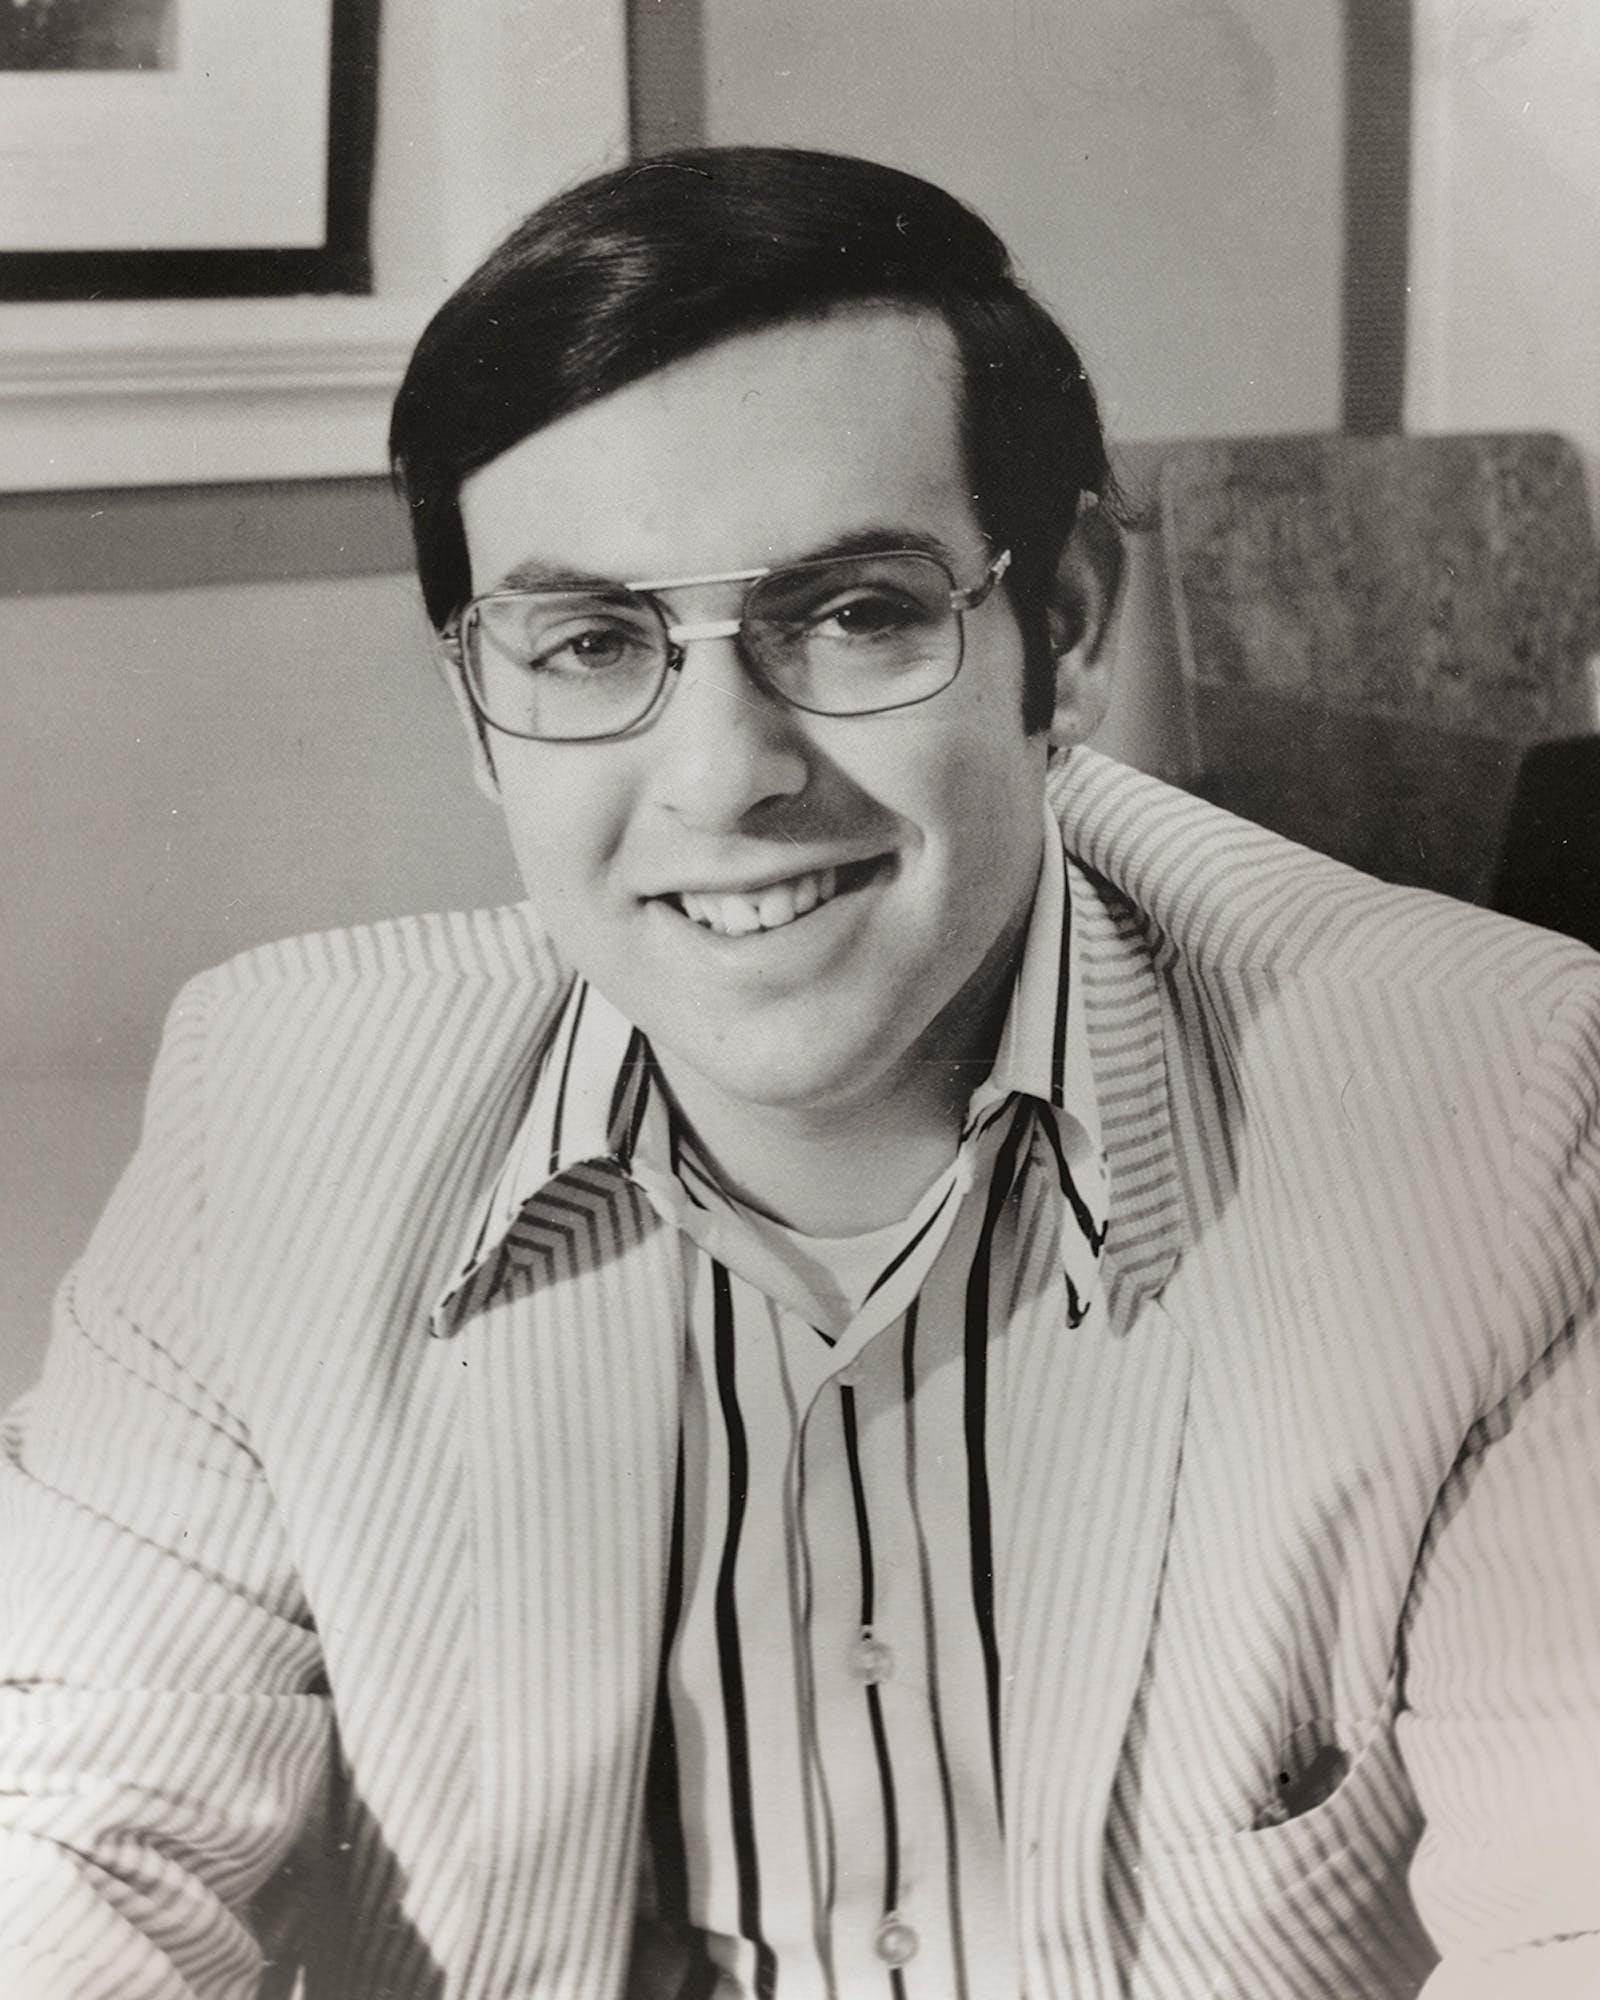 WRR-FM-70s-1991-024-Brad-Sham-1972